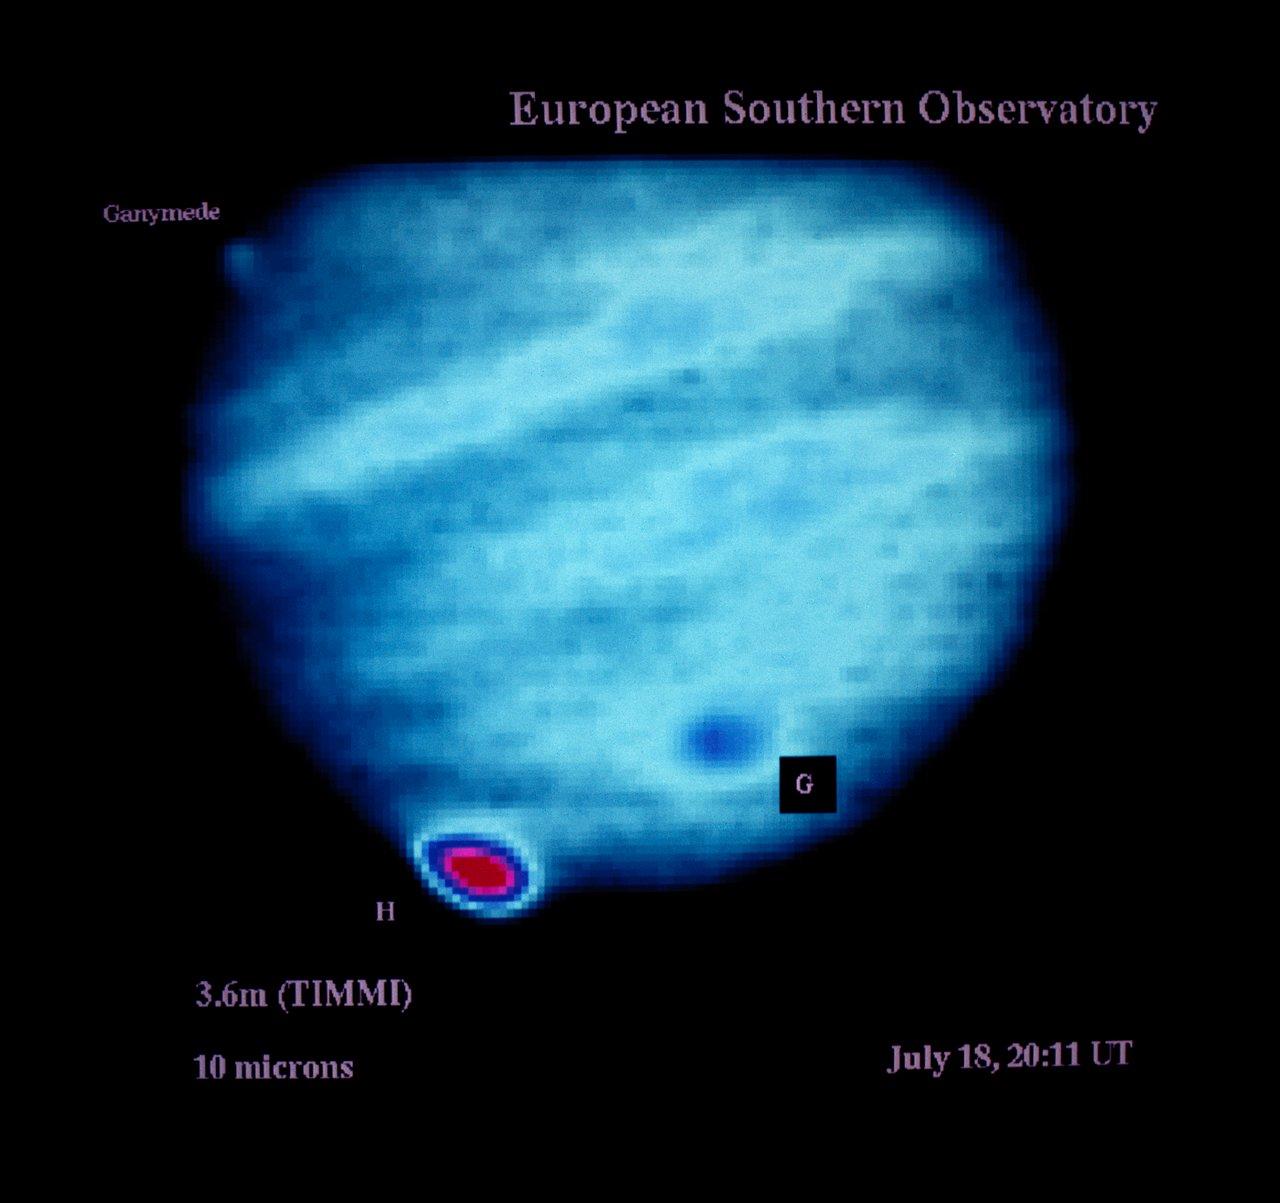 Comet Shoemaker–Levy 9 observations